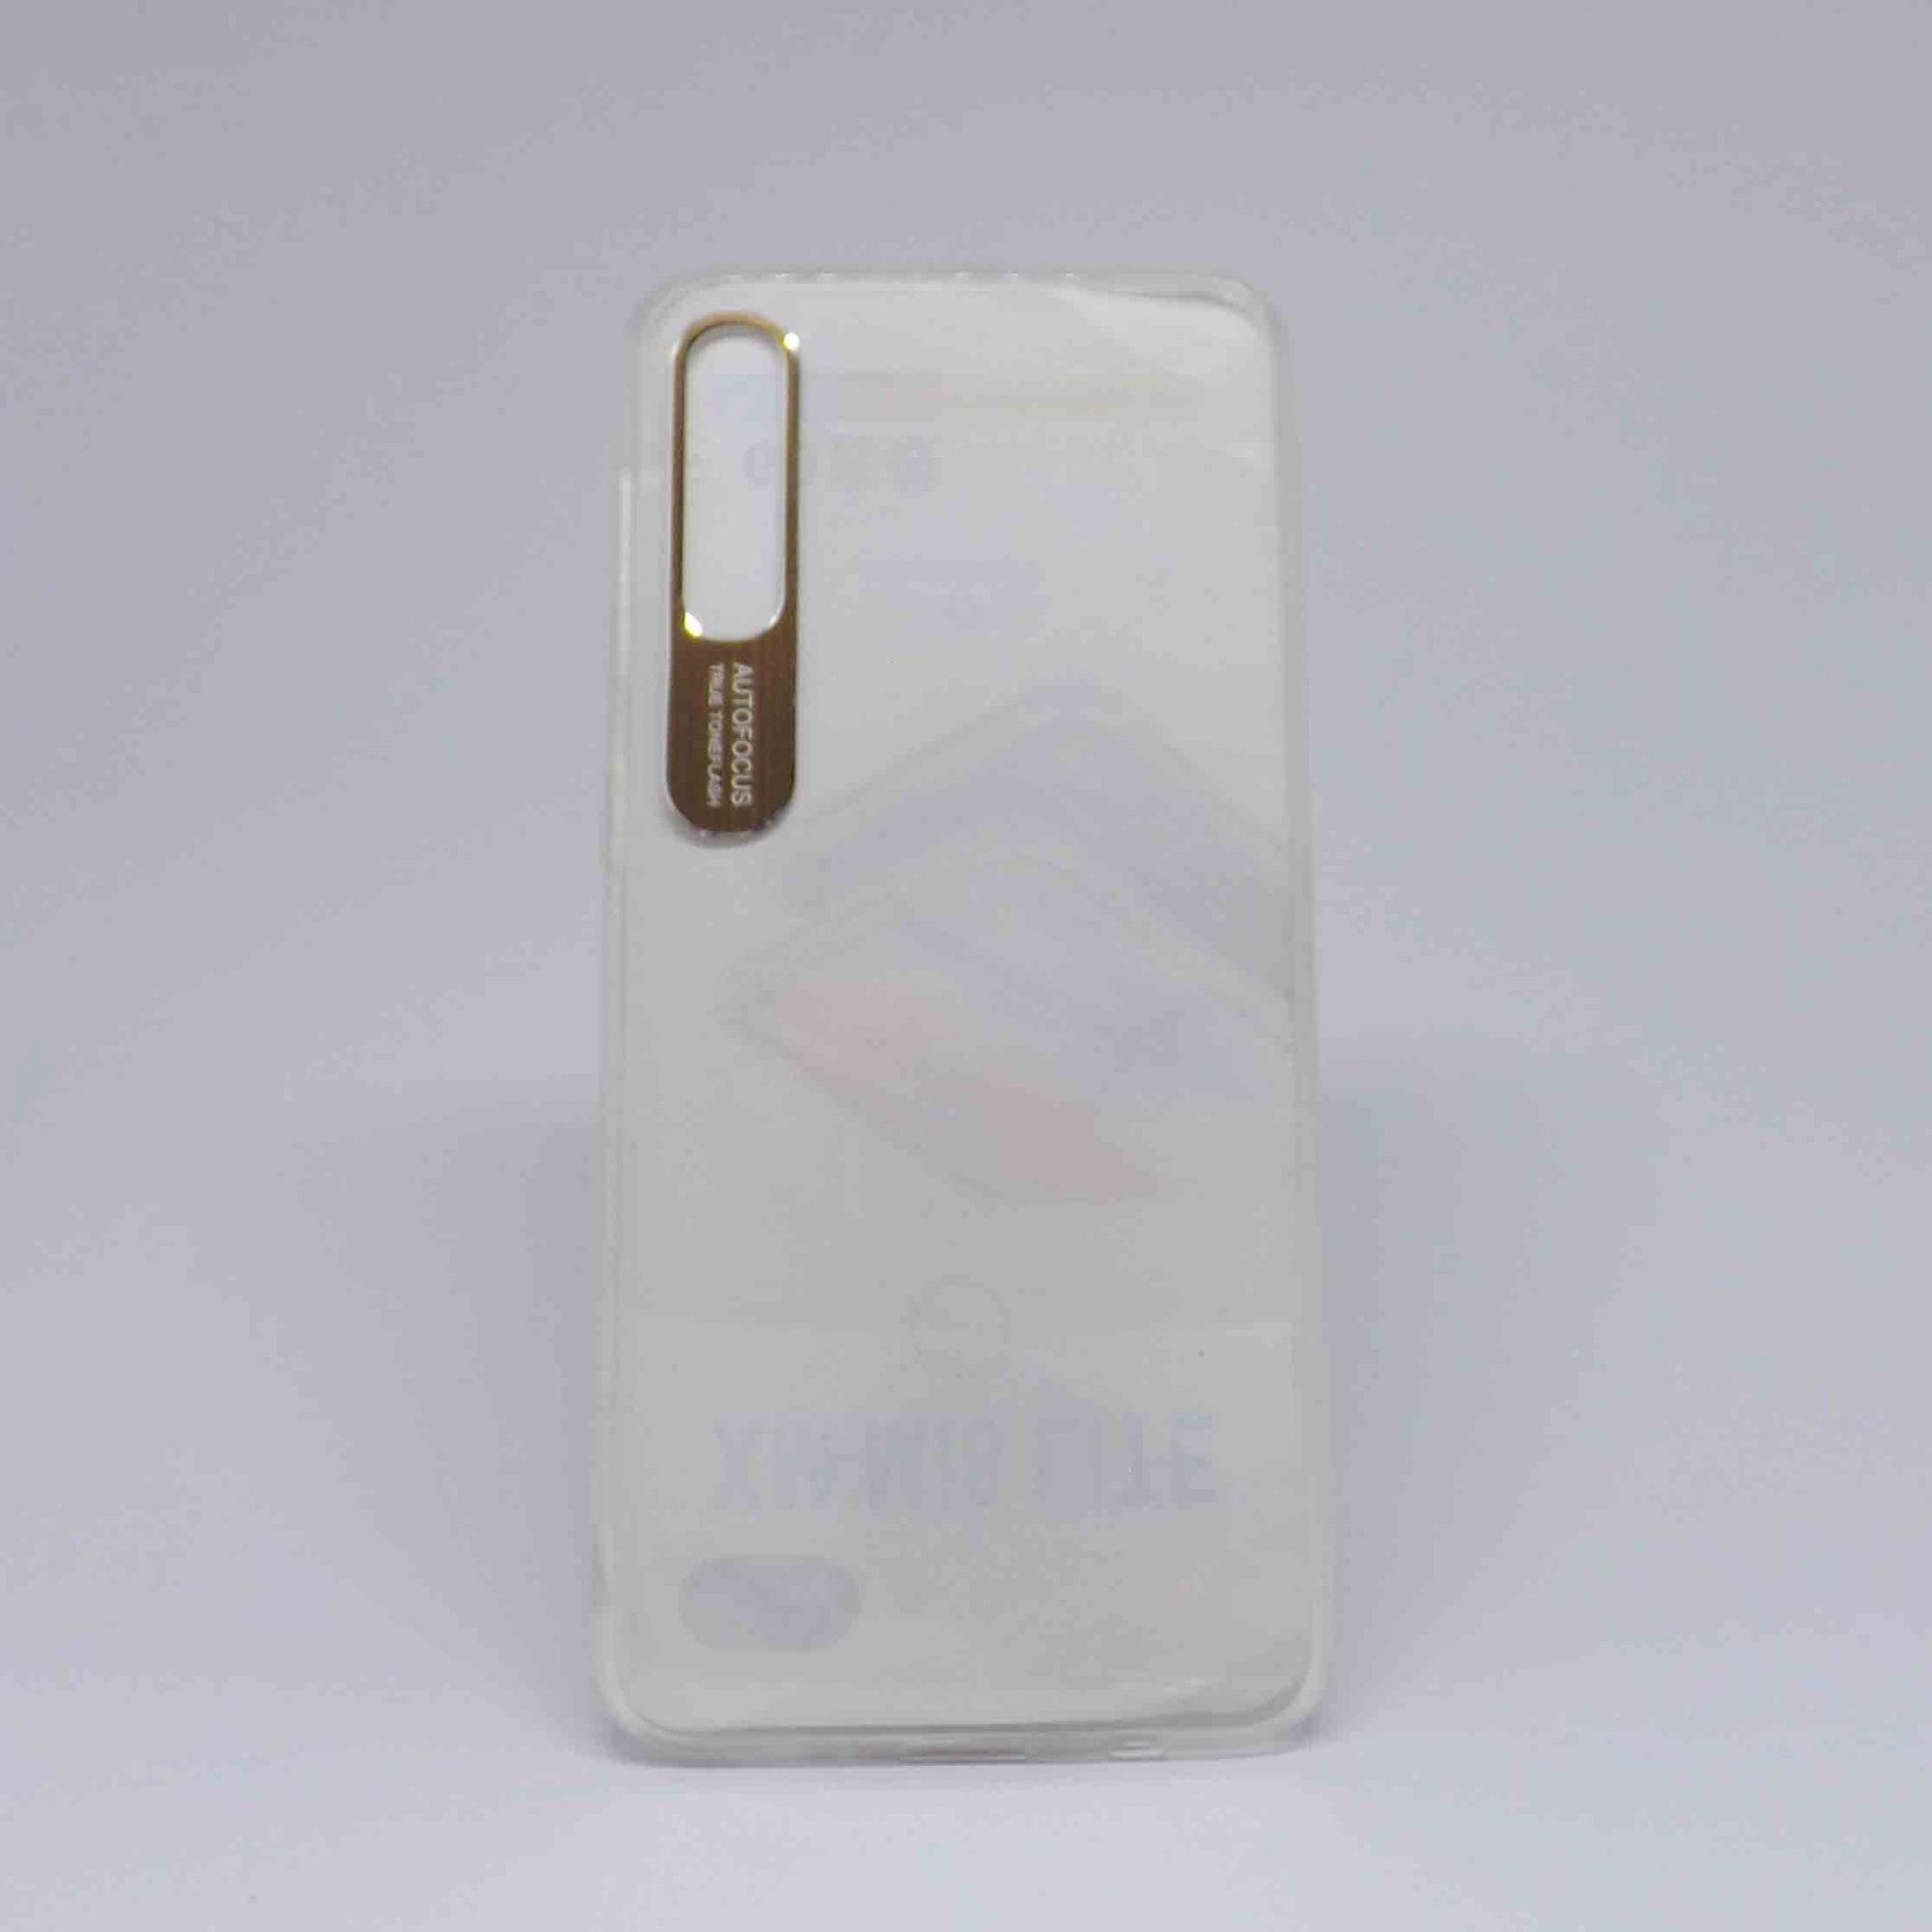 Capa Samsung Galaxy A50/A30s Transparente com Borda Metalizada